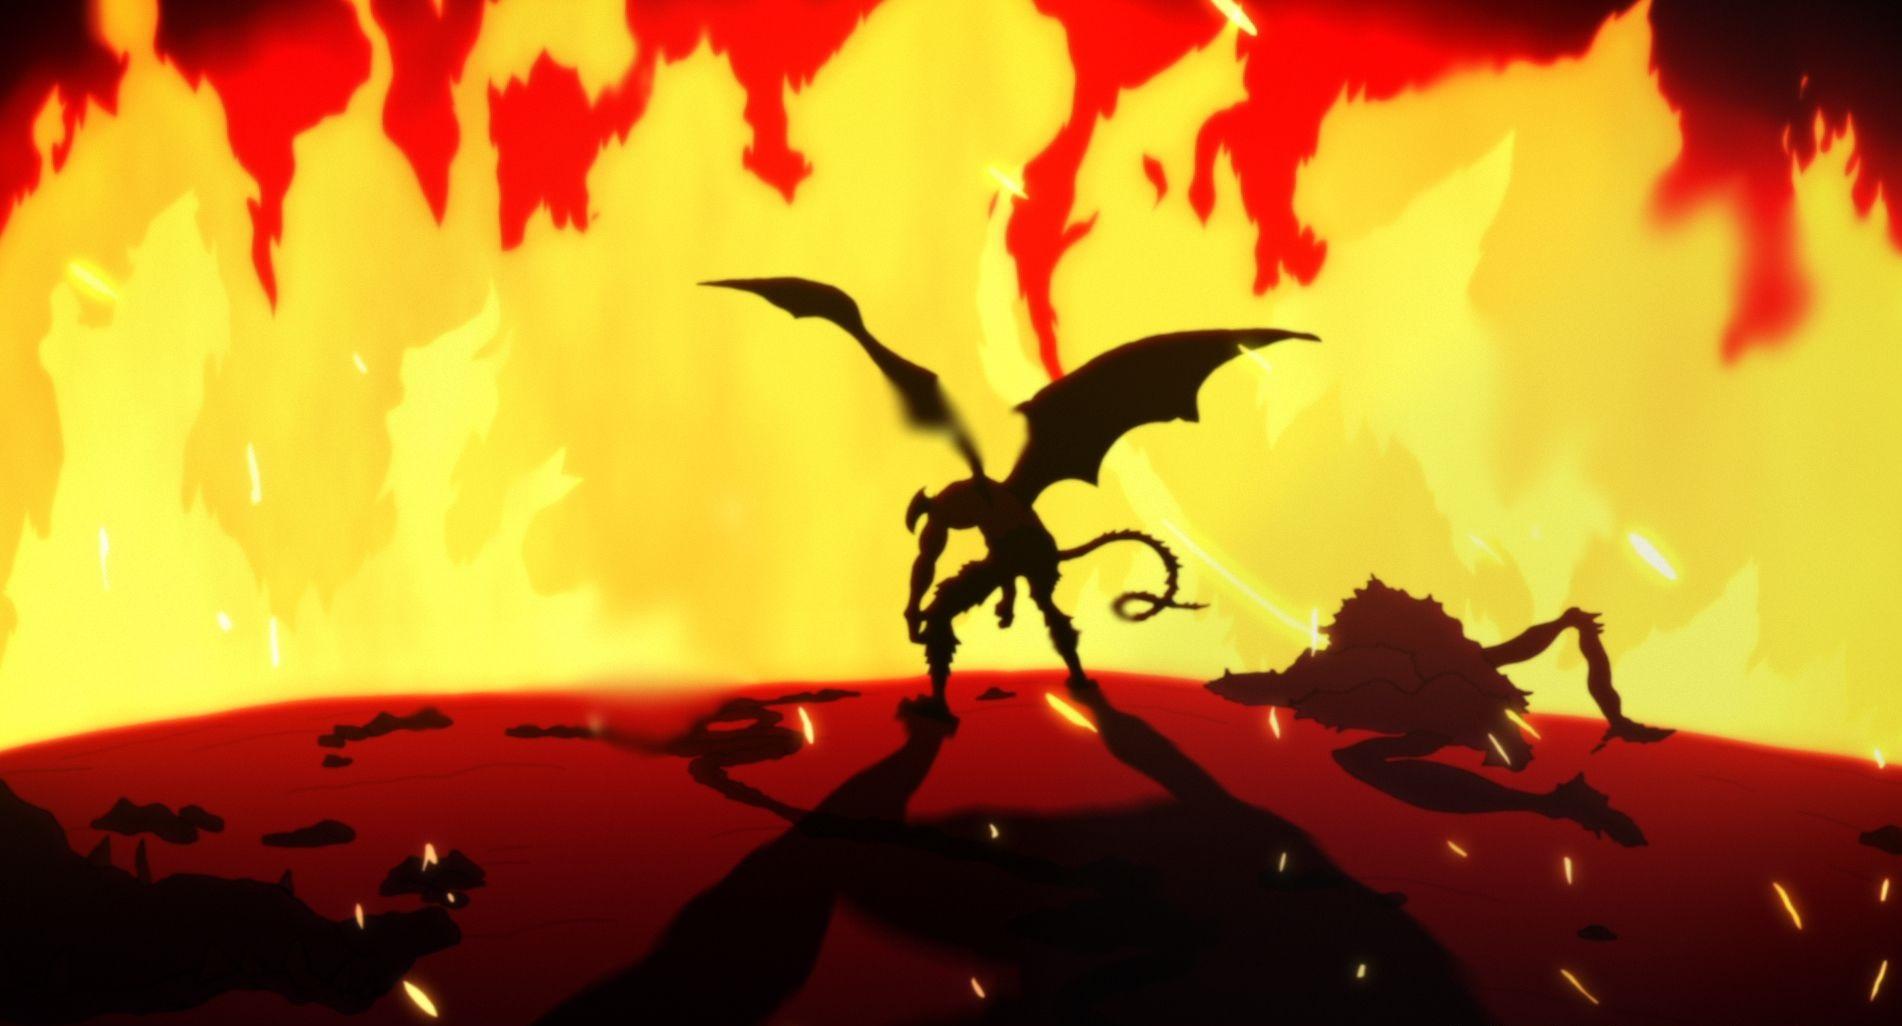 Devilman Crybaby wallpaper 3